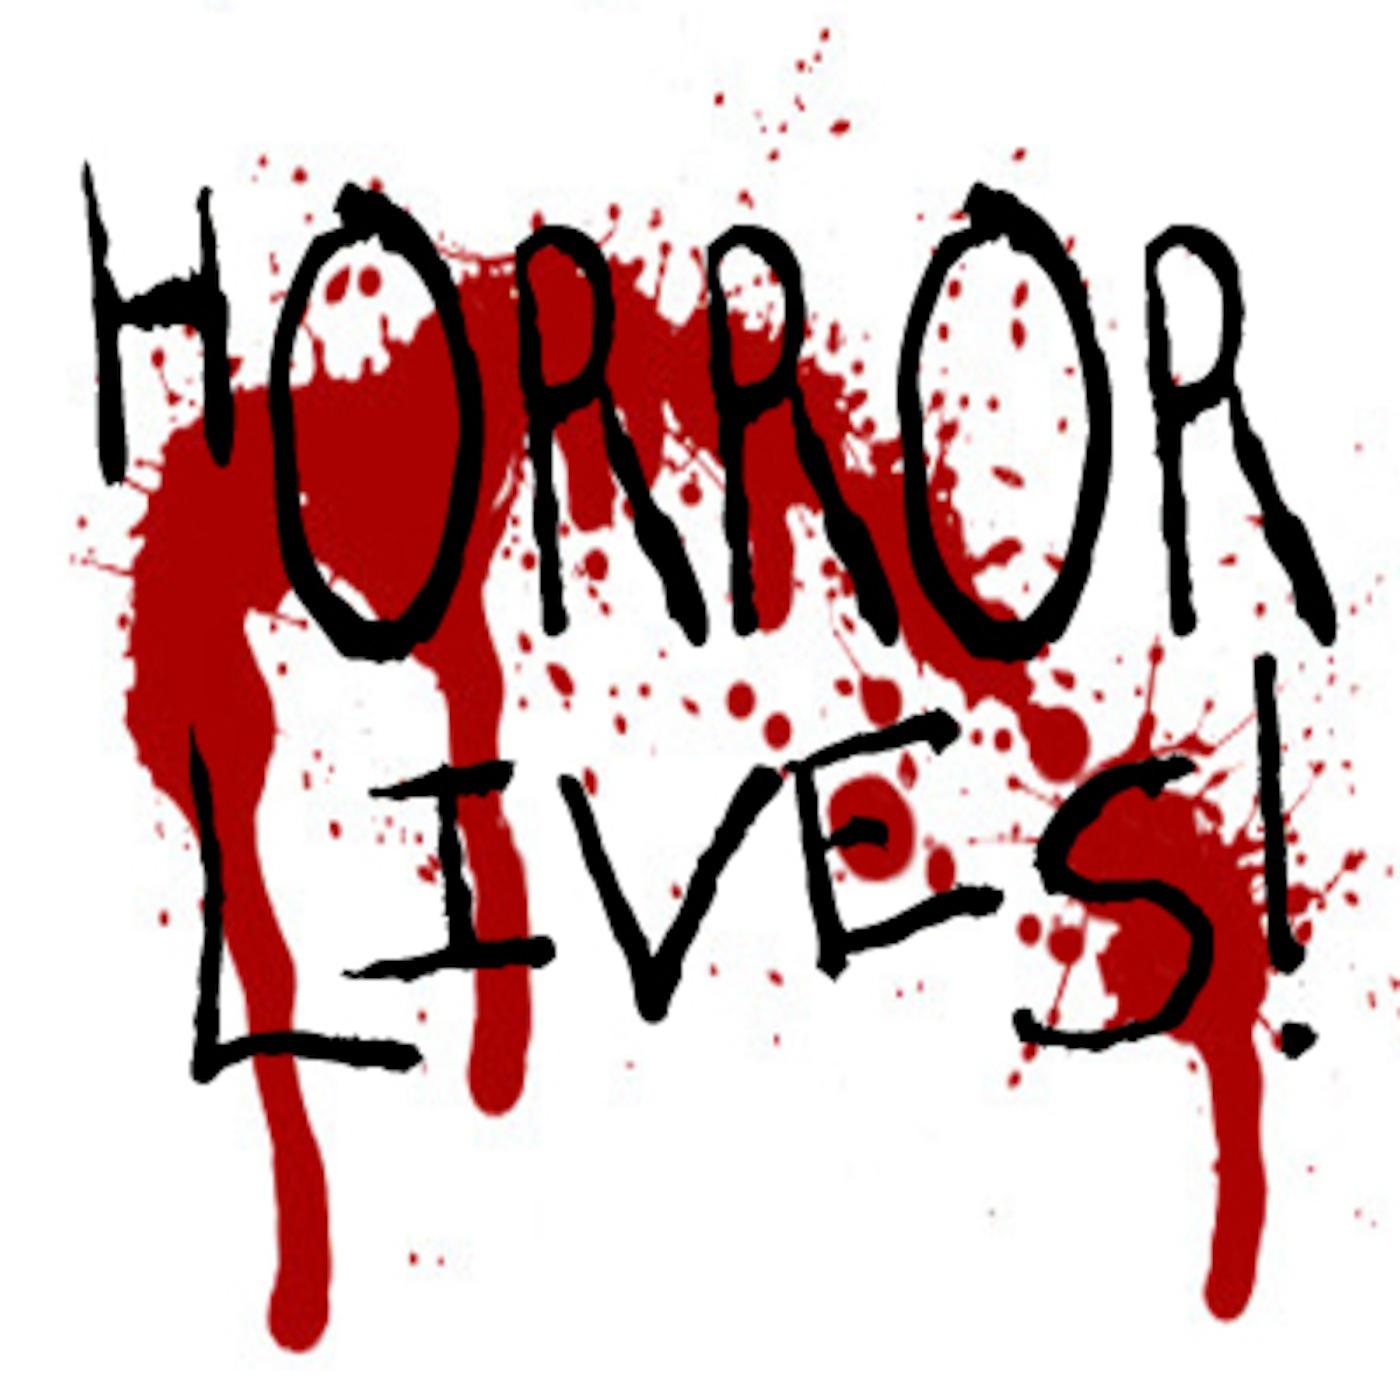 Horror Lives